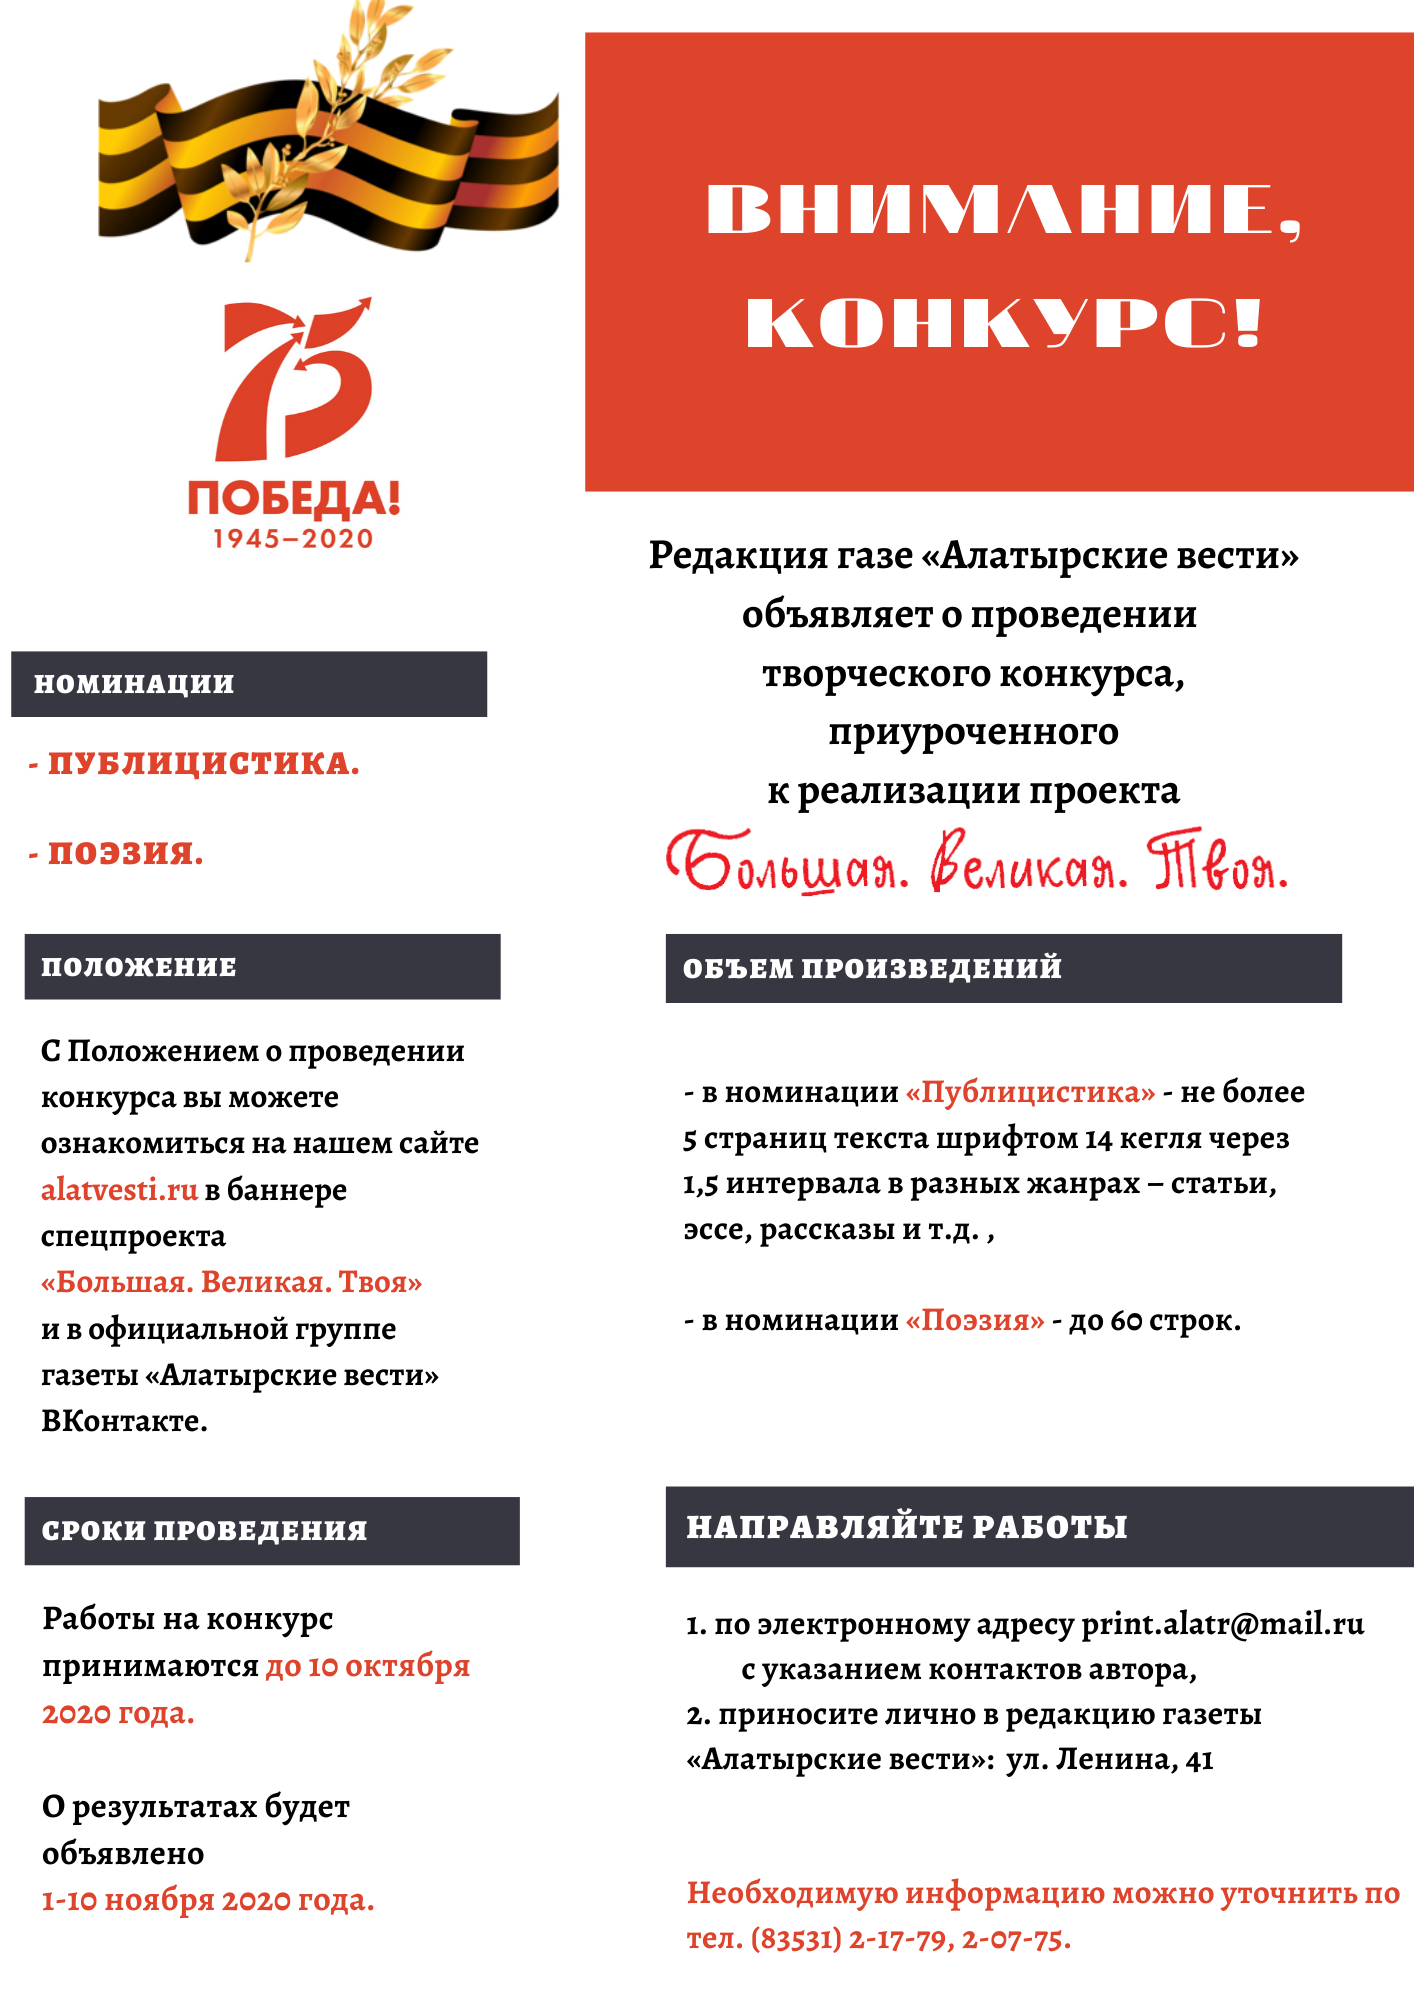 """Редакция газеты """"Алатырские вести"""" объявляет о проведении творческого конкурса"""